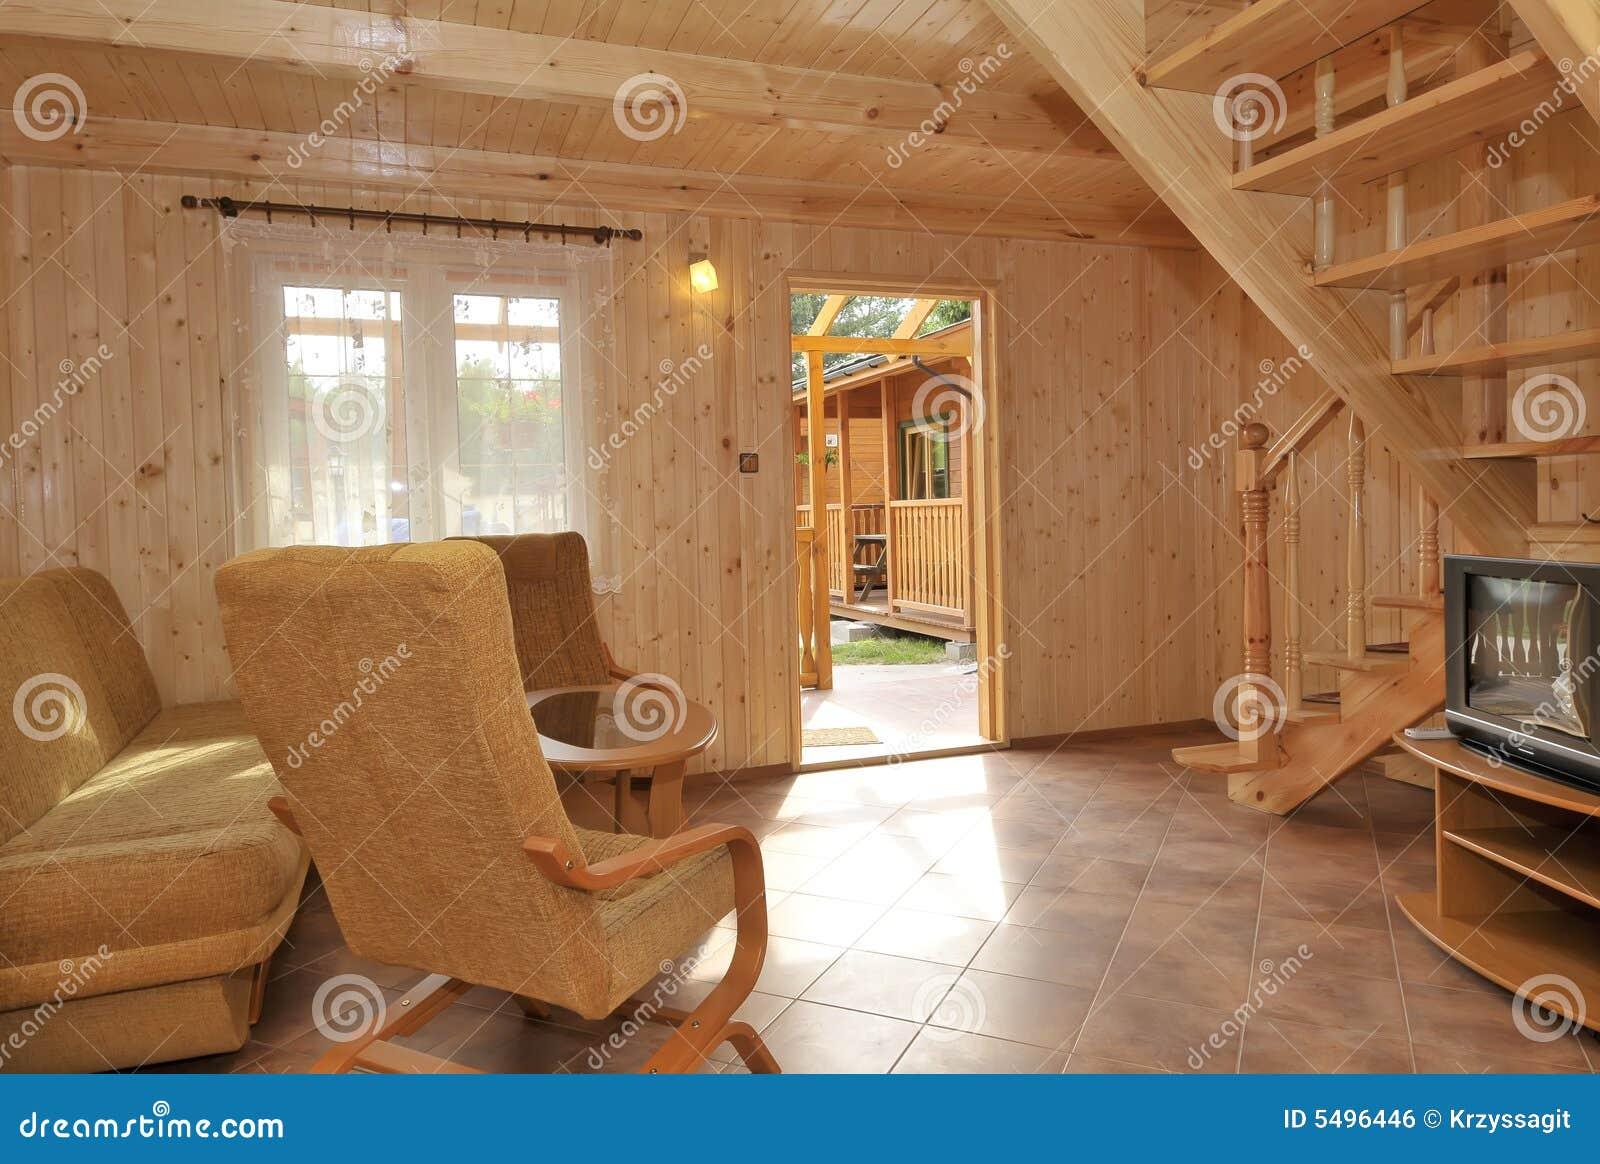 de archivo libre de regalías Interior de la casa artesonada madera